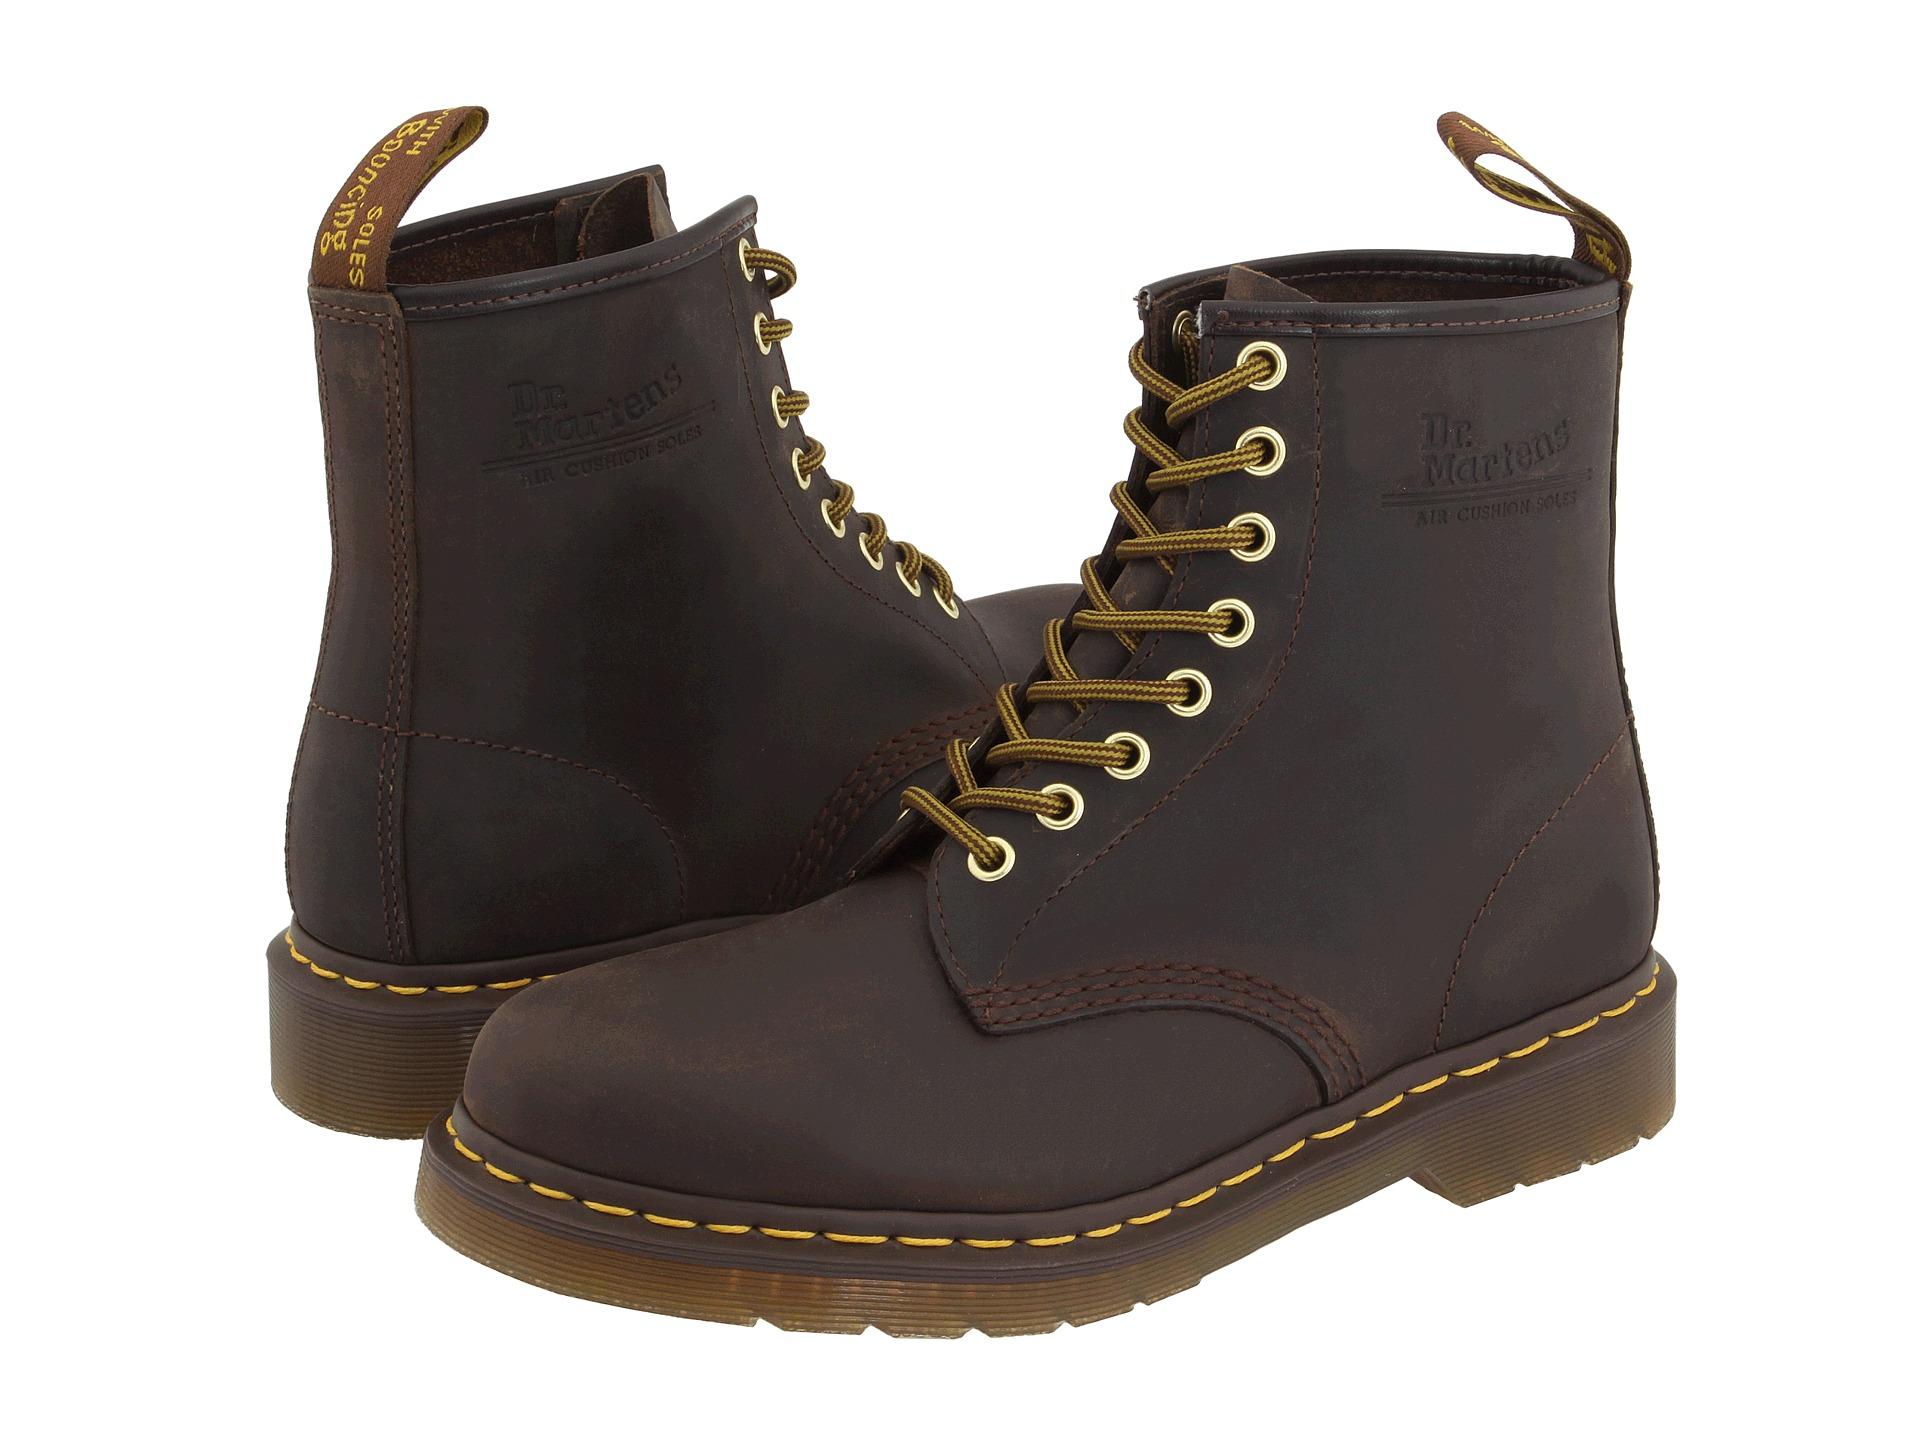 bb6f97fc2 Самые легкие кроссовки puma. Интернет-магазин качественной брендовой ...